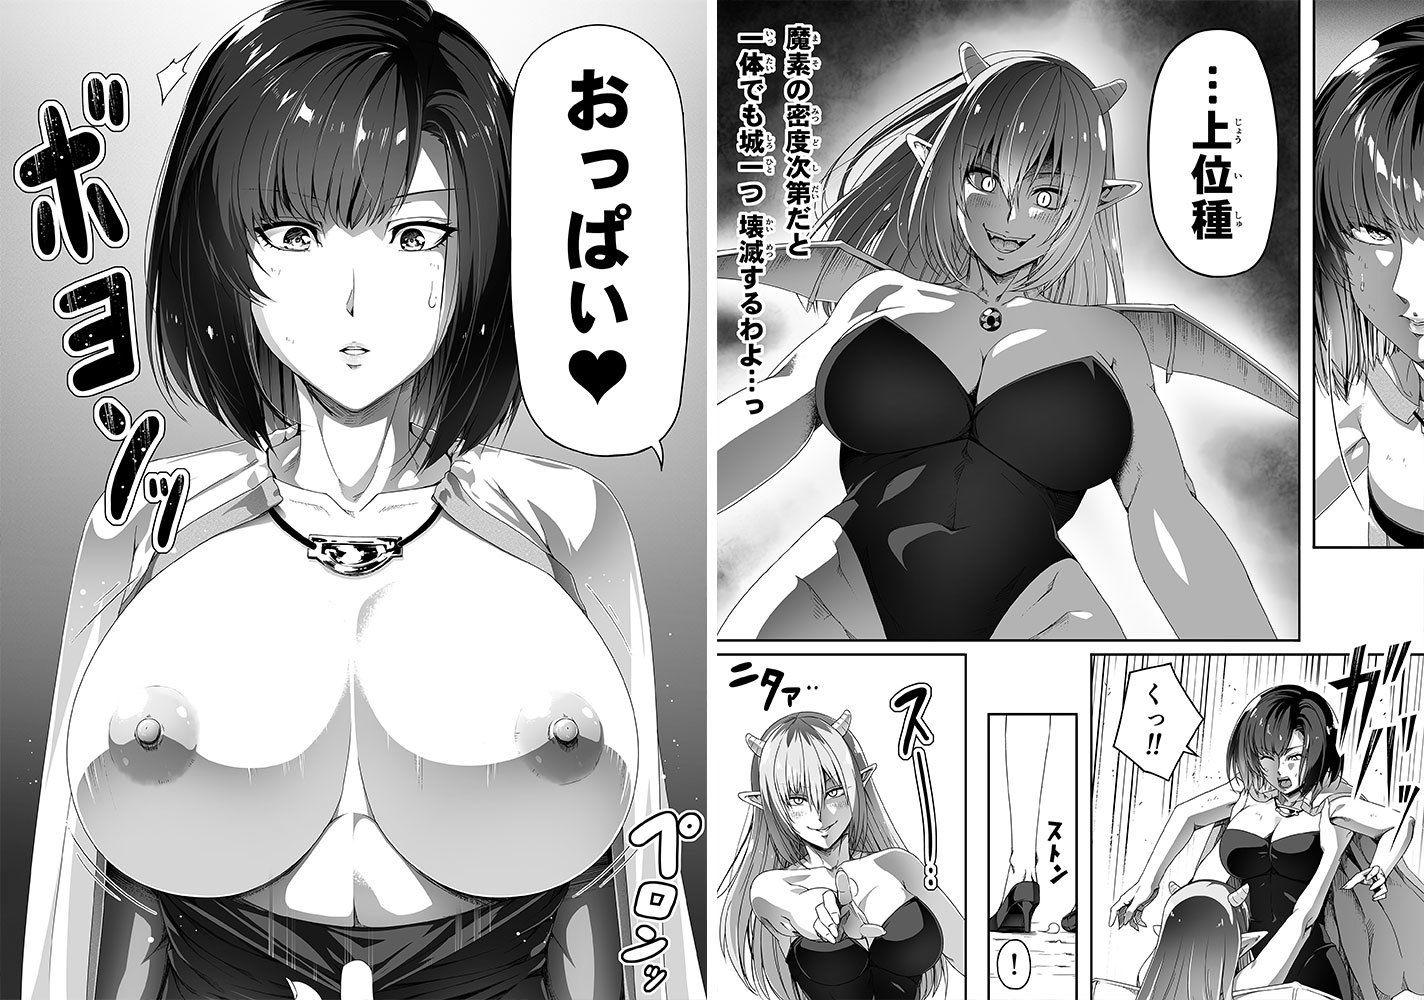 力あるサキュバスは性欲を満たしたいだけ 1【同人エロ漫画】(Road=ロード=)6